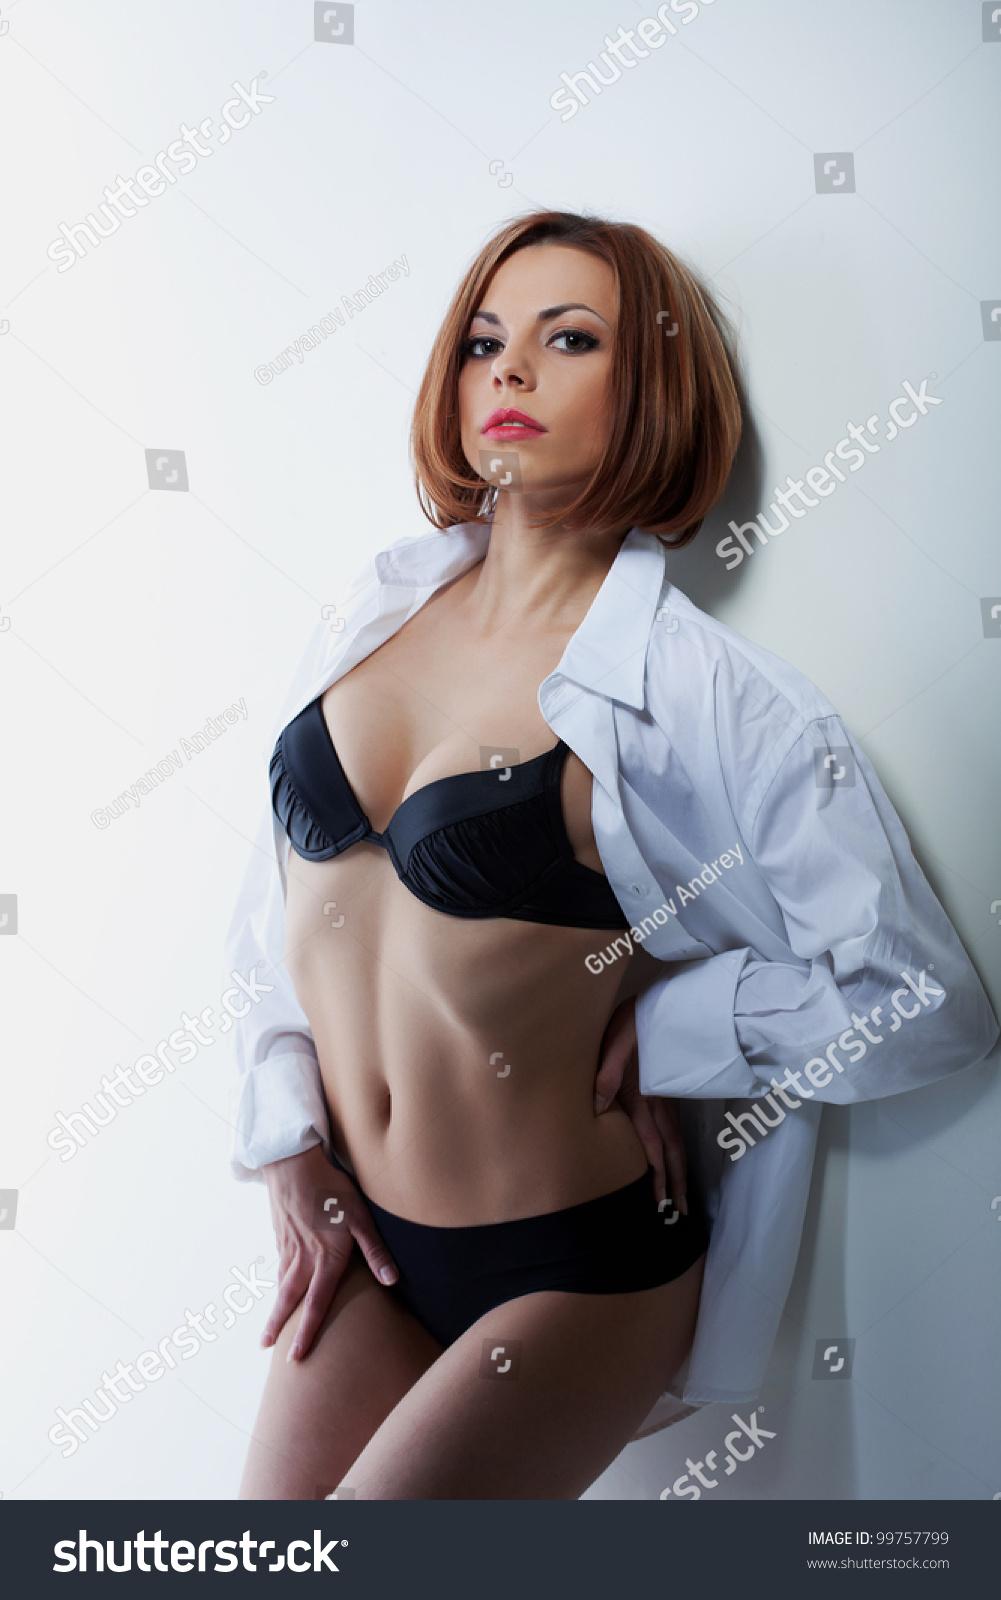 У девушки расстегнулась блузка 17 фотография